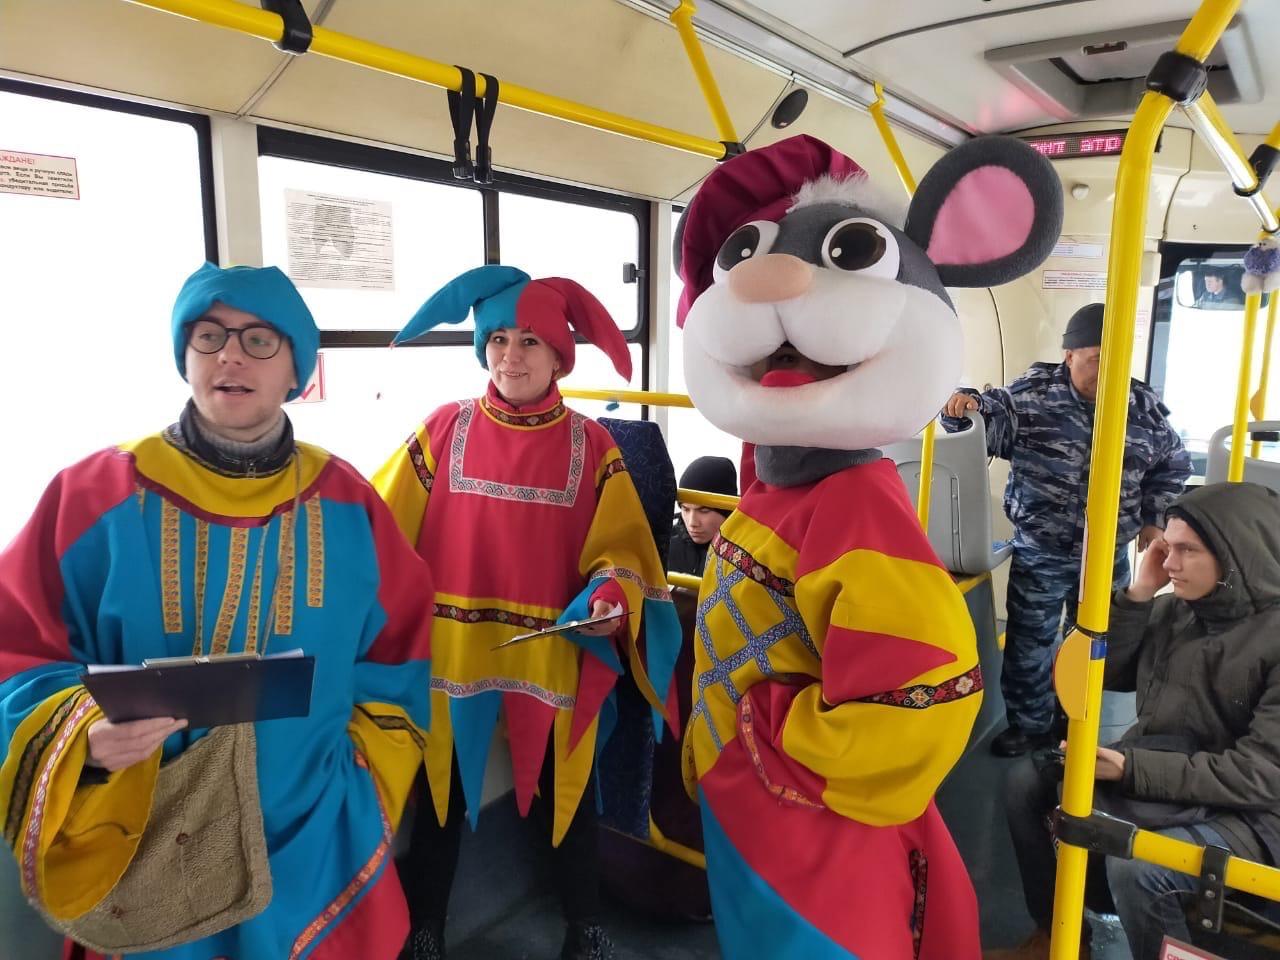 Названы маршруты автобусов, в которых тольяттинцев ждут игры, конкурсы и подарки